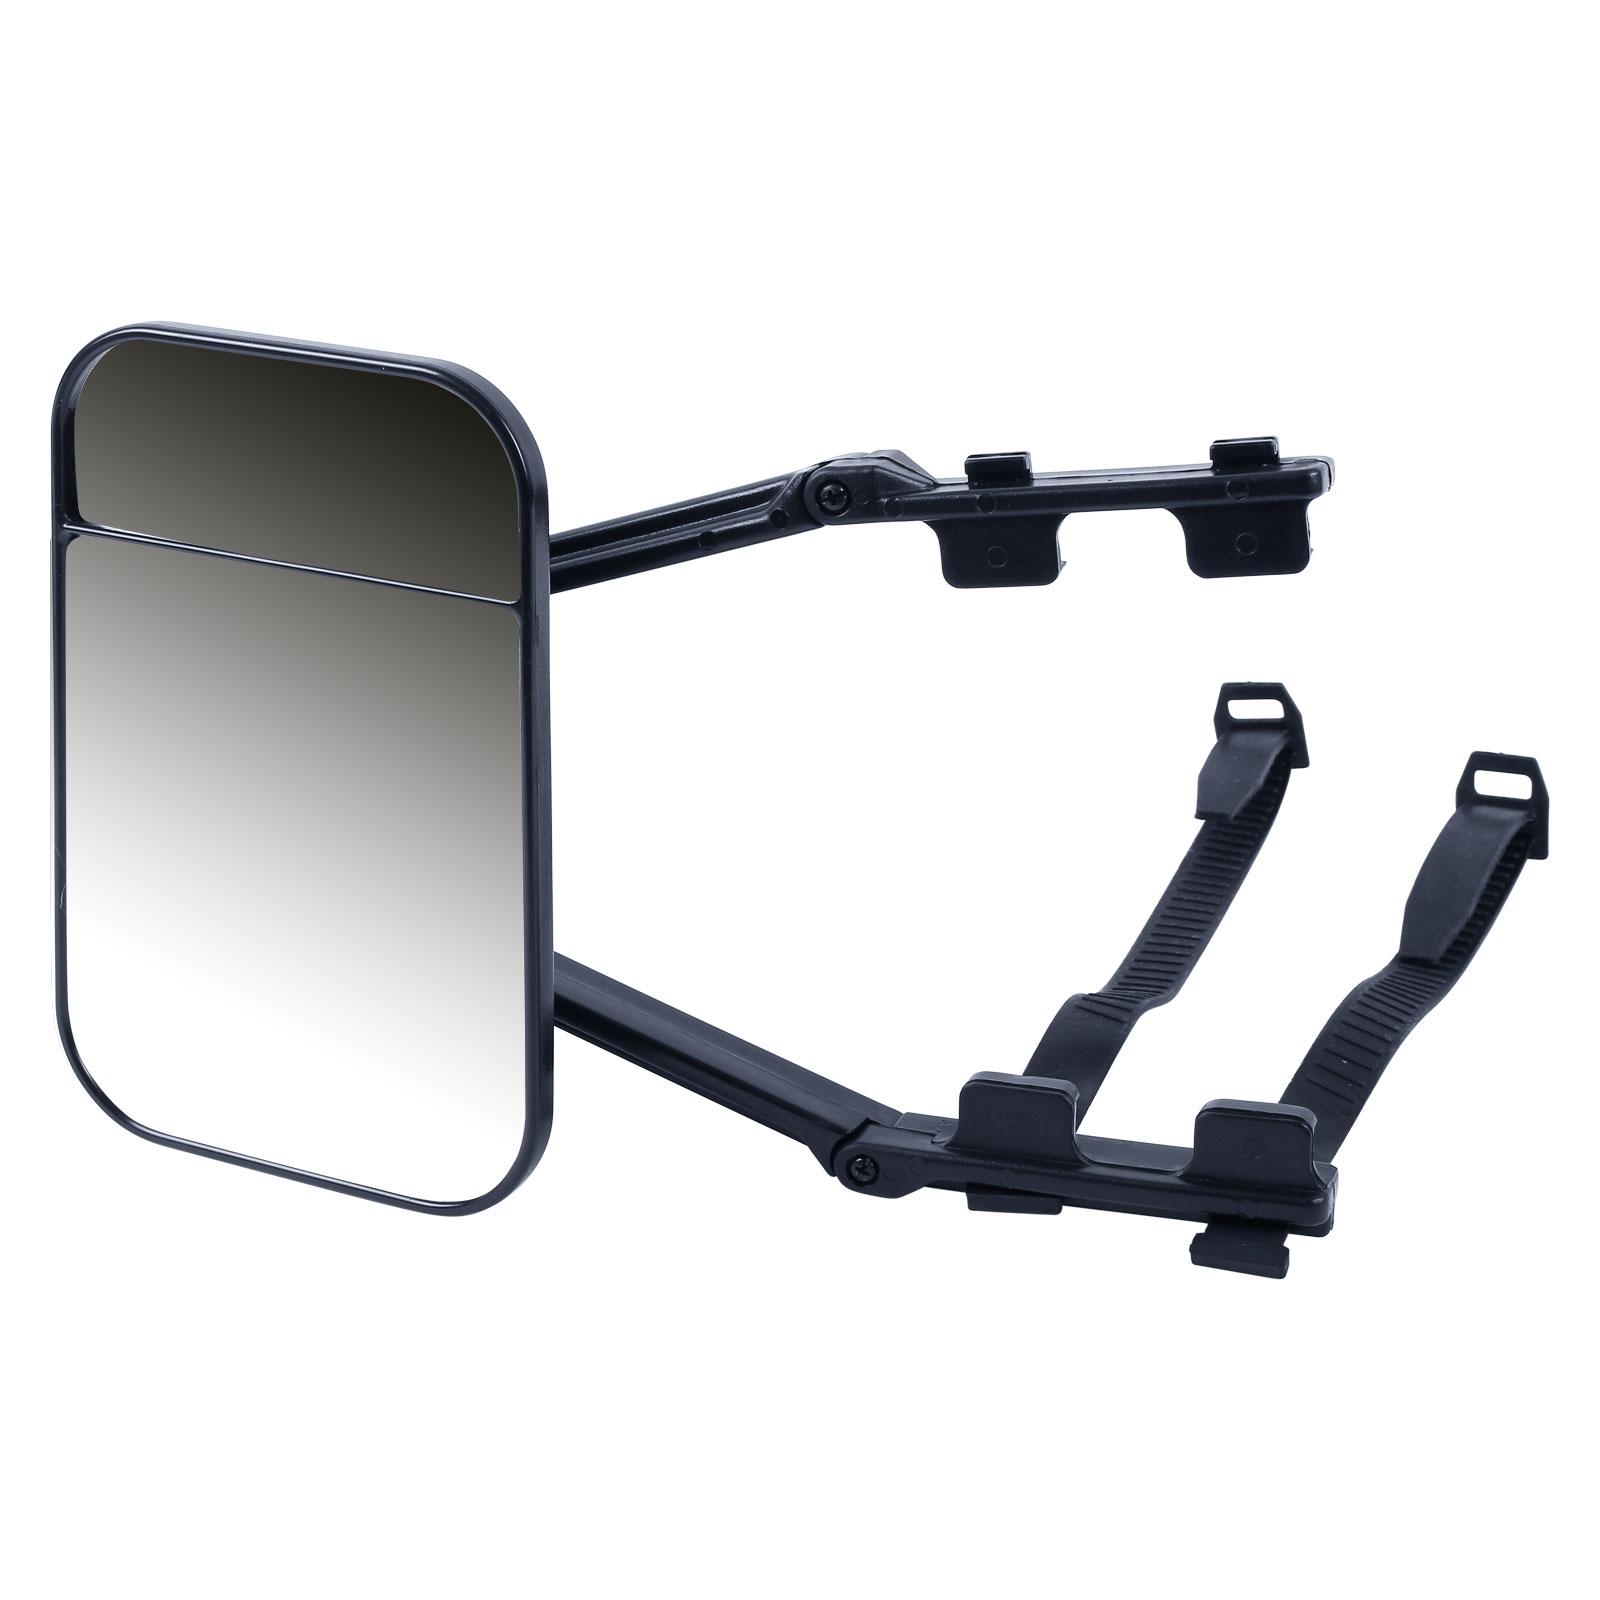 Wohnwagenspiegel Erweiterung E geprüft, konvex, universell, schwarz